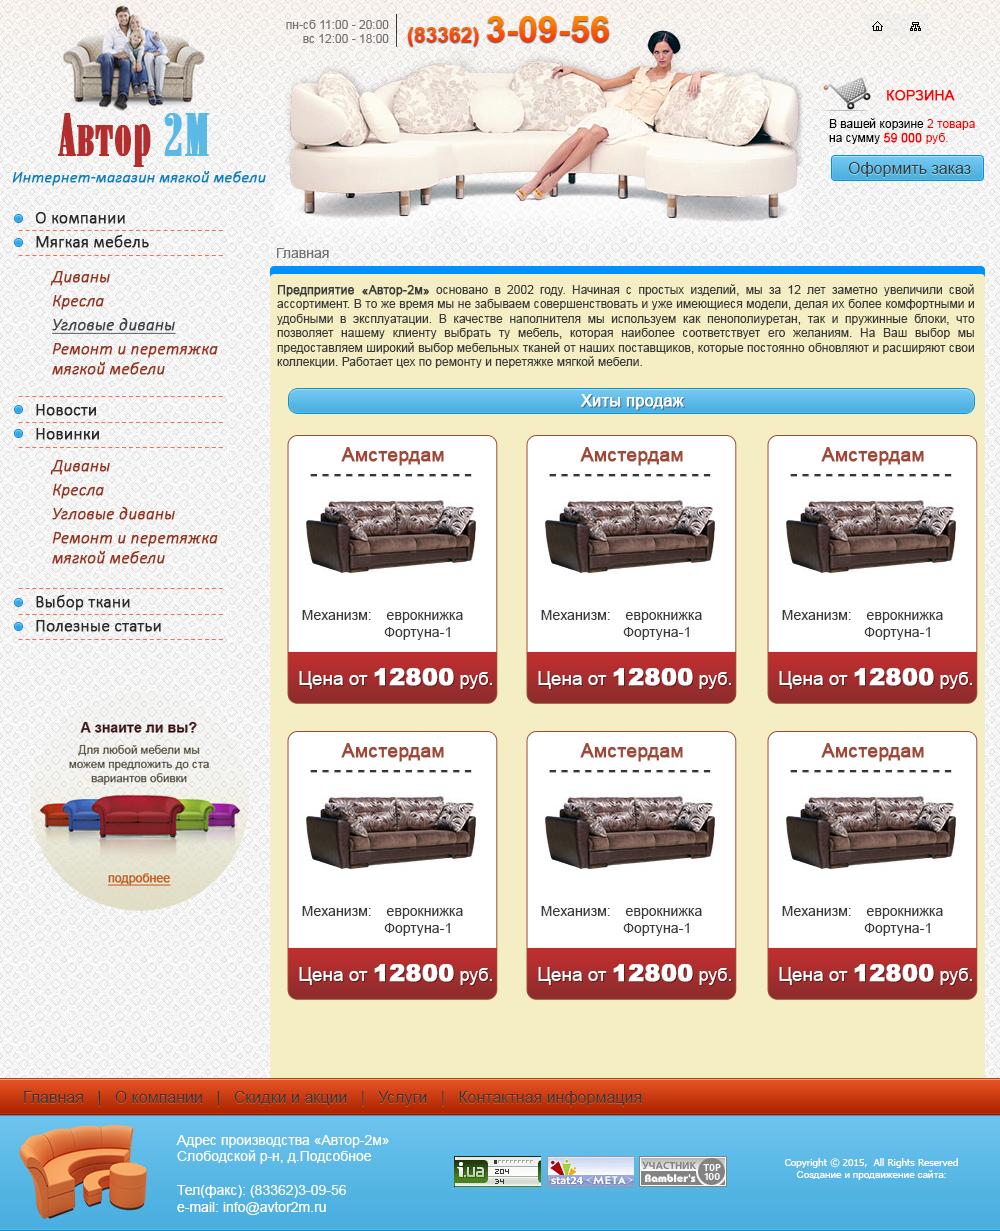 avtor2m - Мягкая мебель от производителя